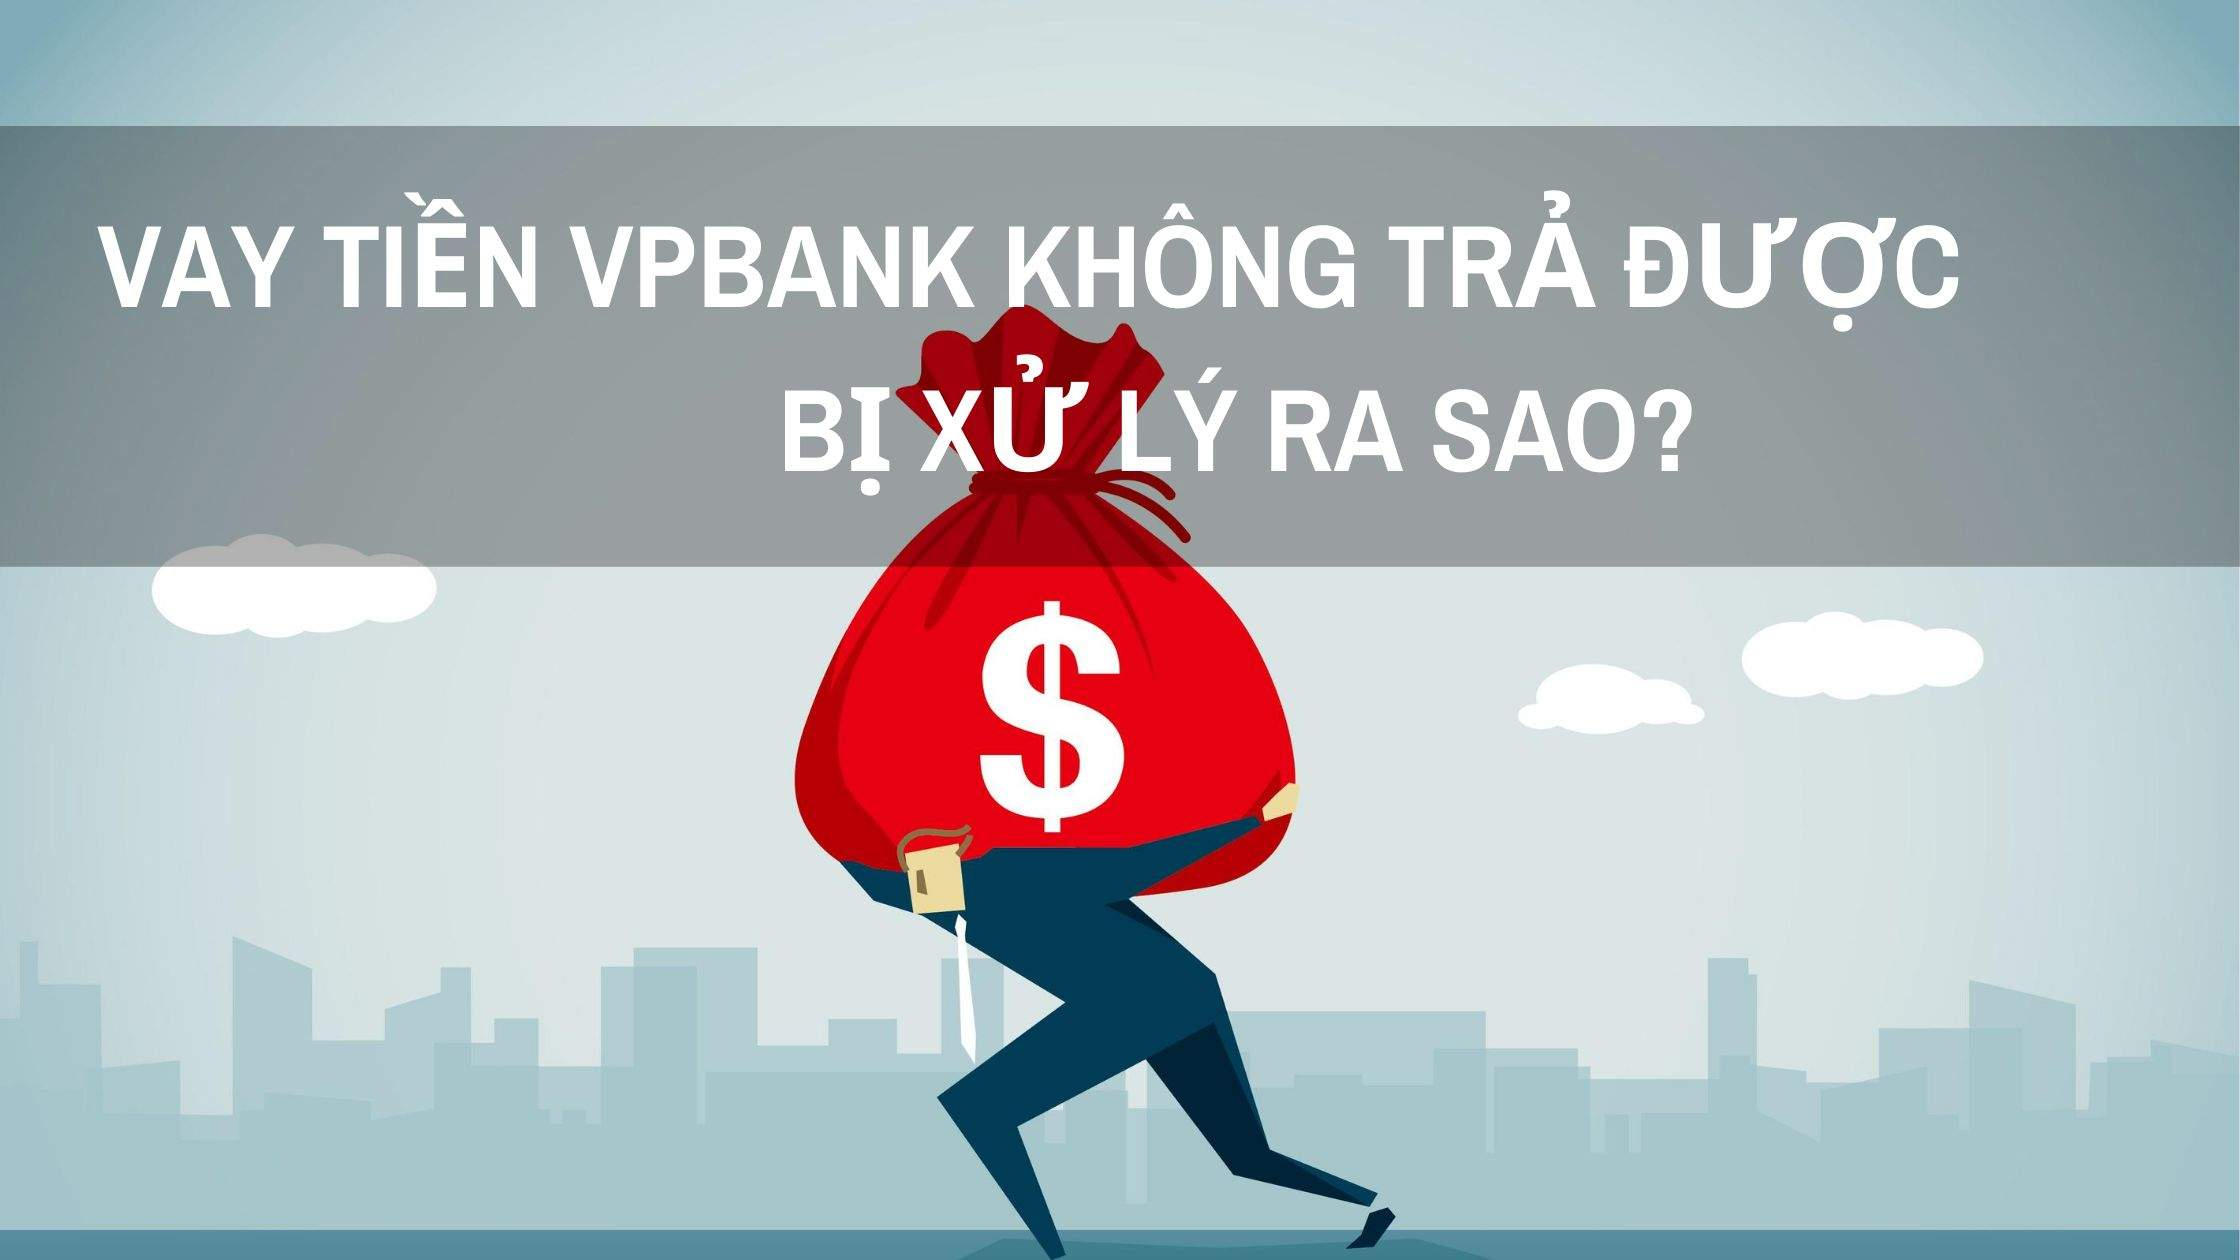 Vay tín chấp vpbank không trả được